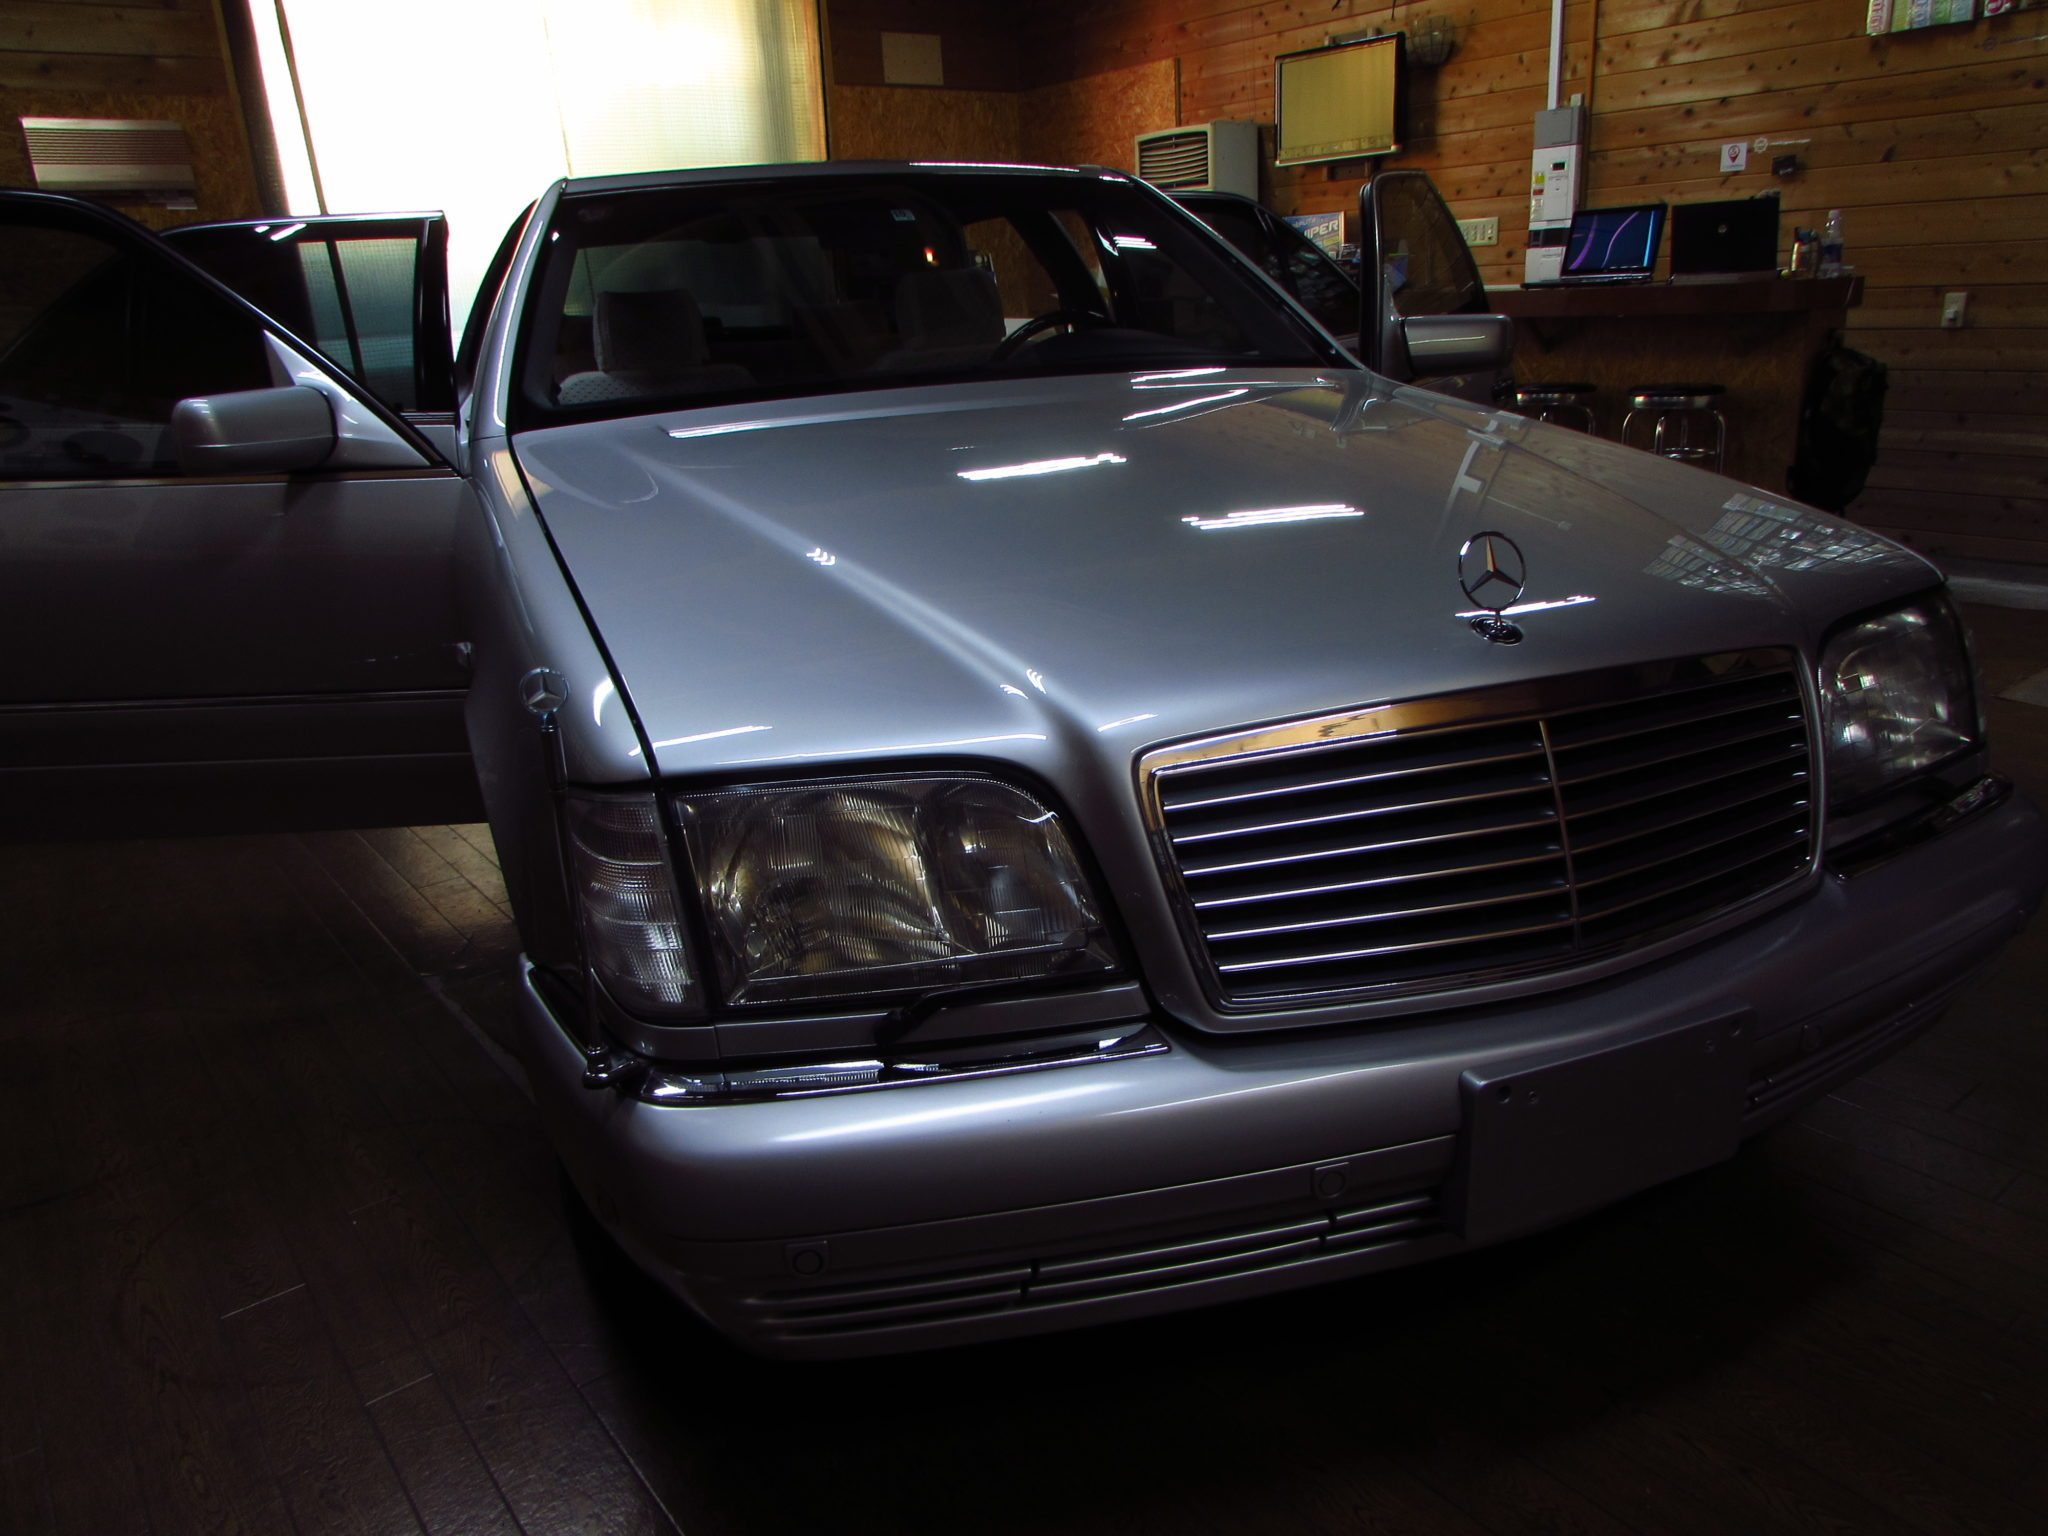 メルセデスベンツS600(W140)にオーディオ取付。